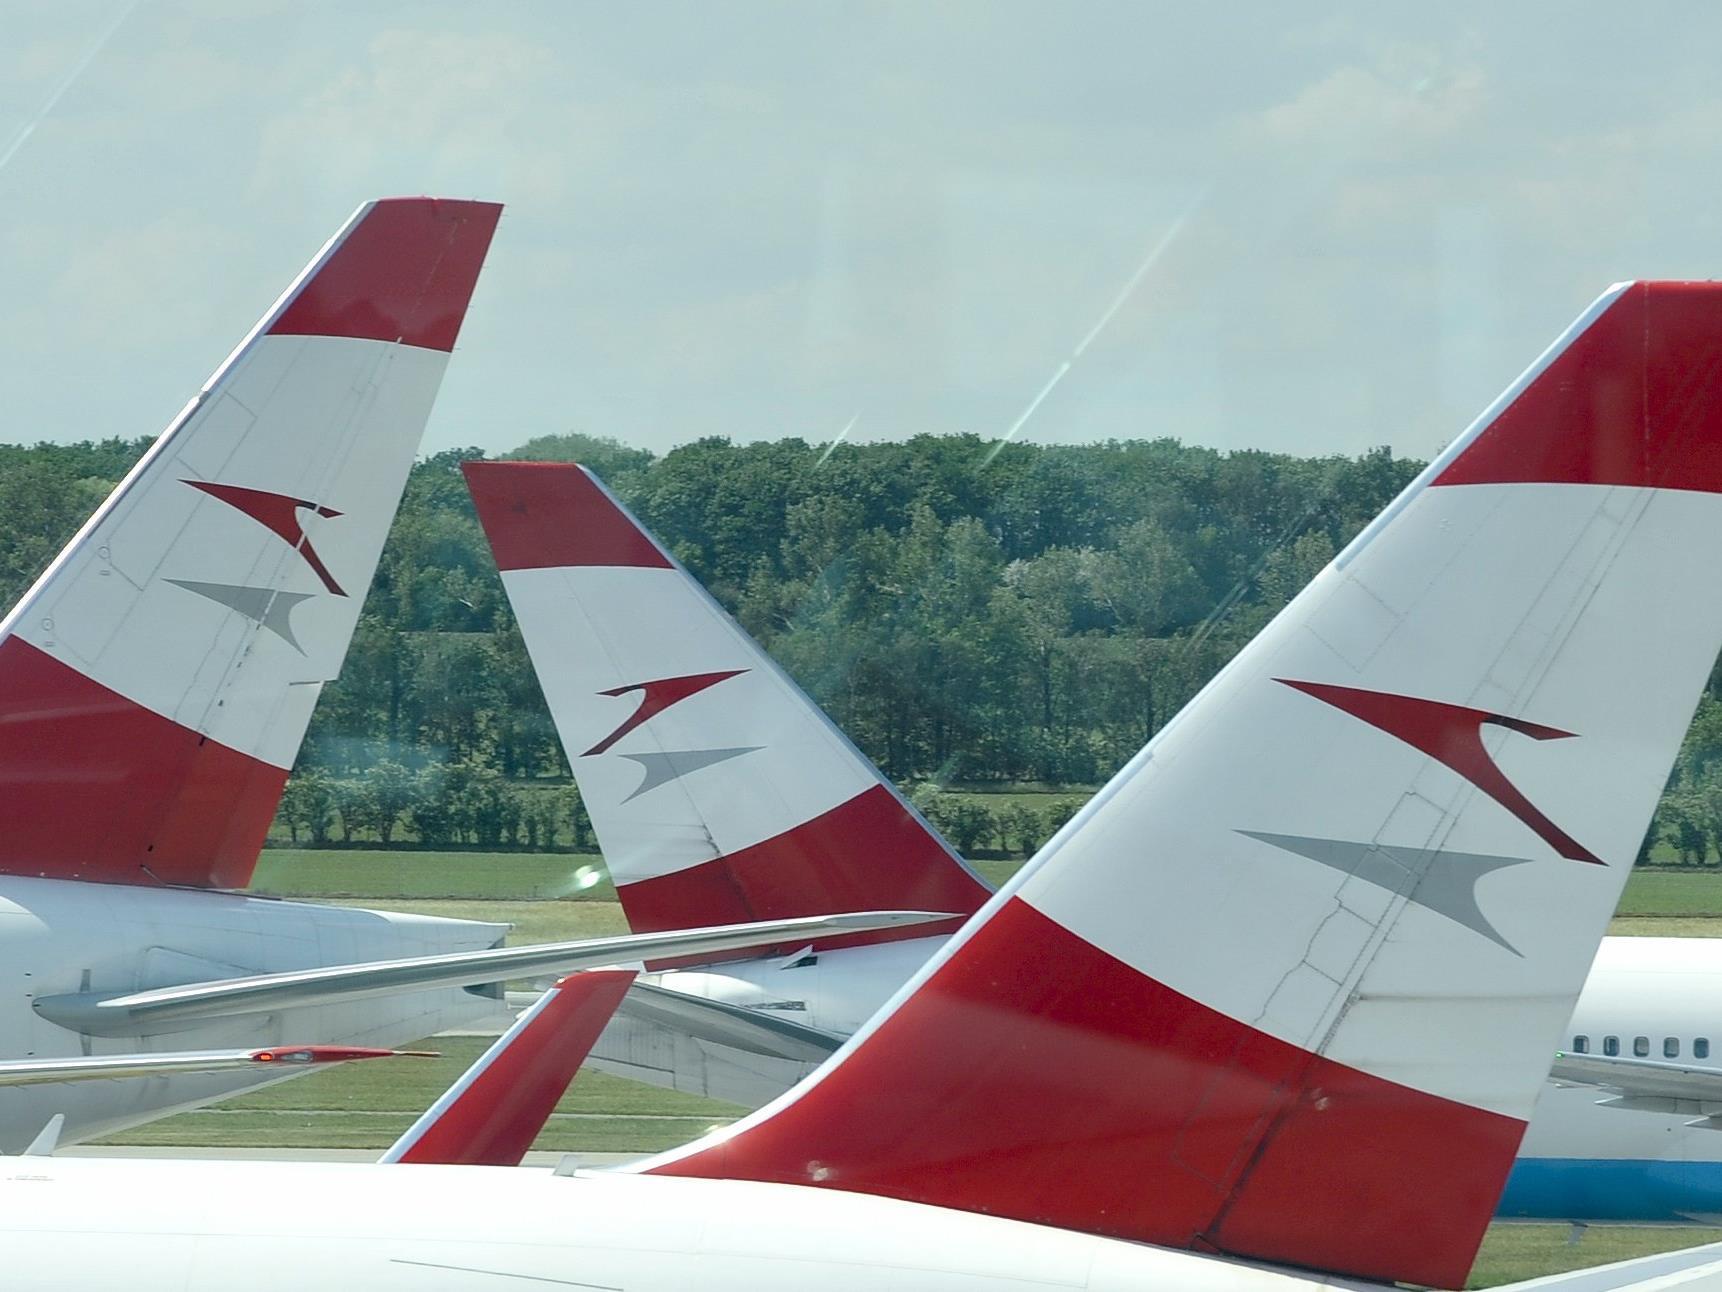 Der Flug musste aufgrund von technischen Problemen umkehren.